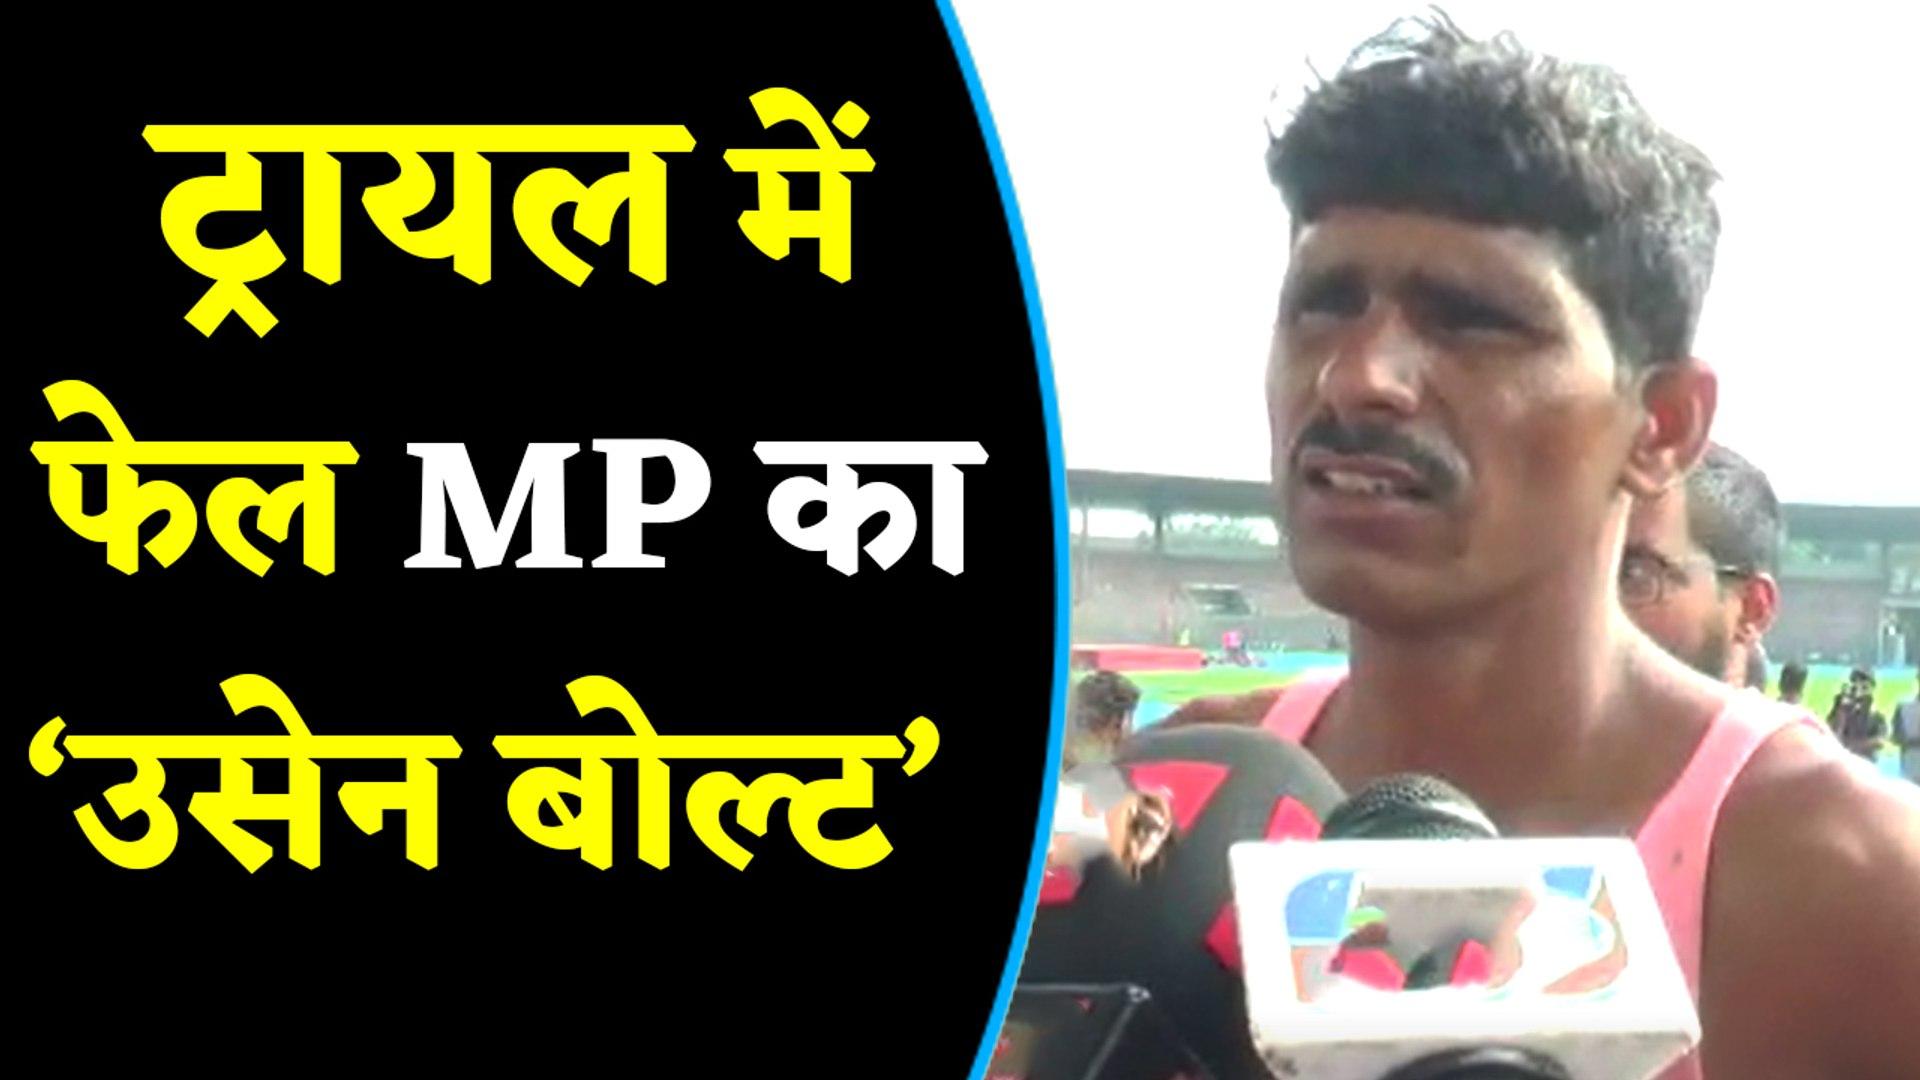 Madhya Pradesh का 'Usain Bolt' ट्रायल में हुआ Fail, Rijiju ने कही ये बात । वनइंडिया हिंदी